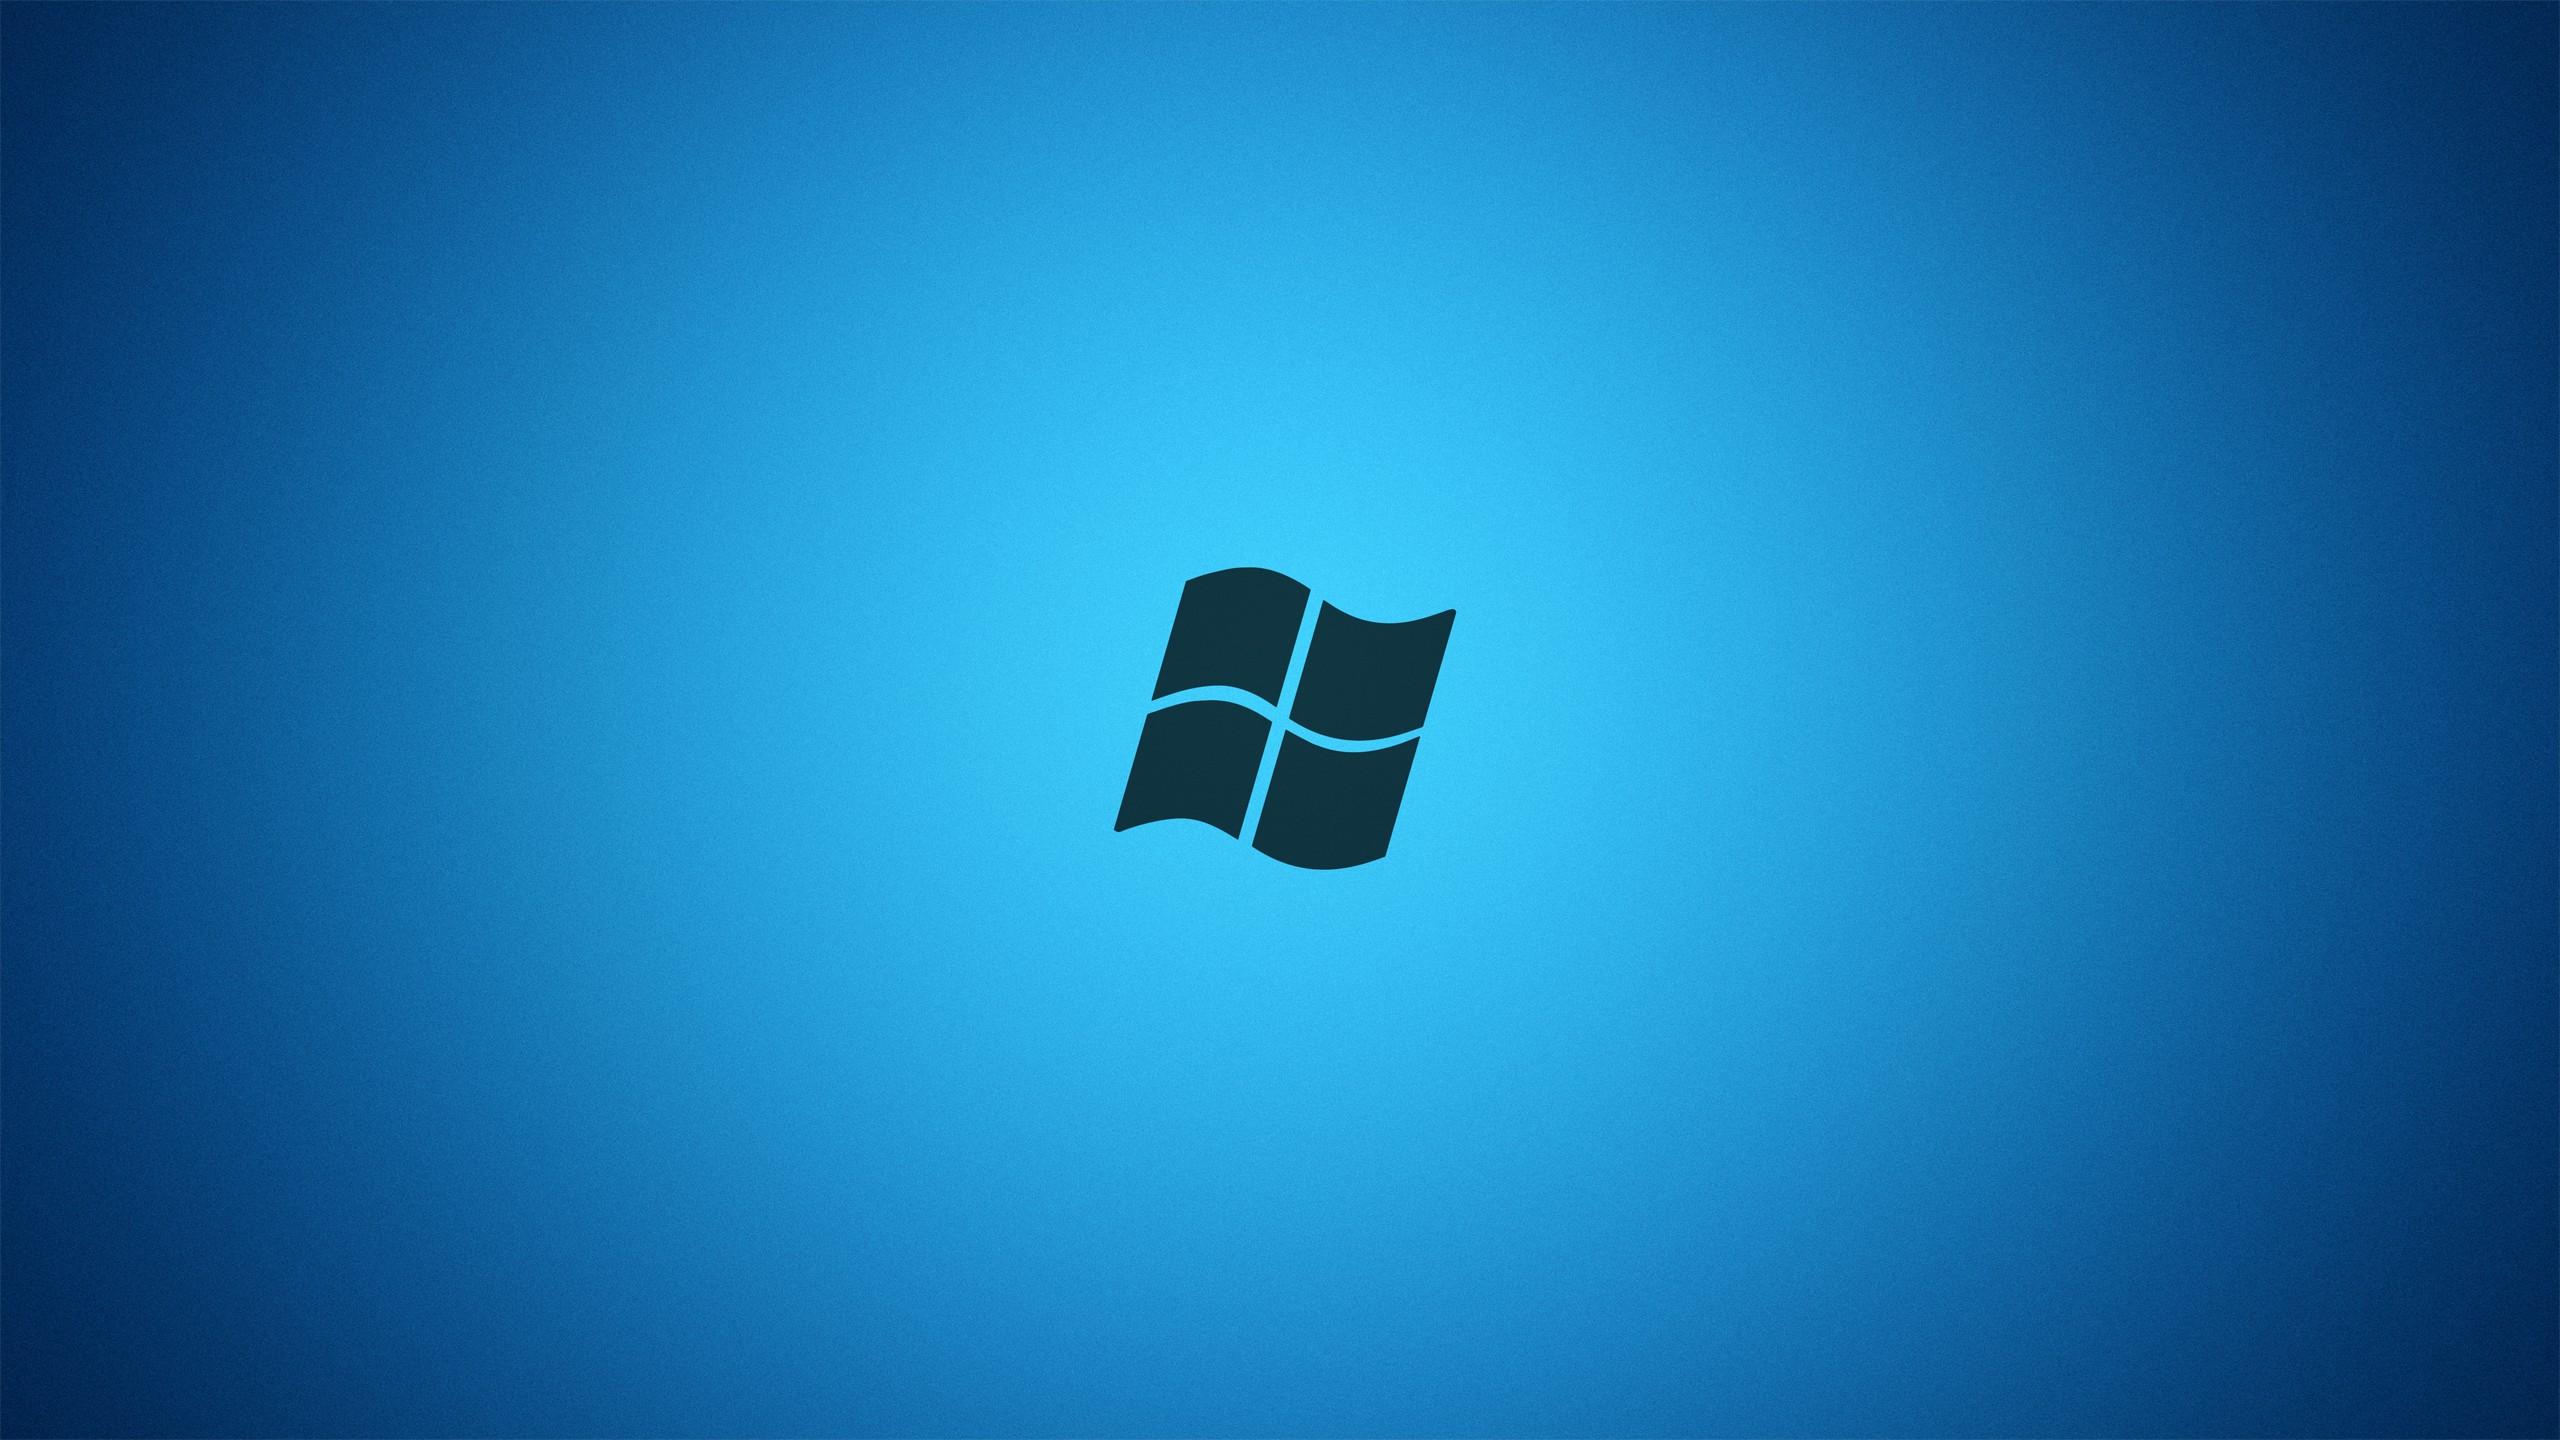 デスクトップ壁紙 図 ミニマリズム テキスト ロゴ 青 サークル